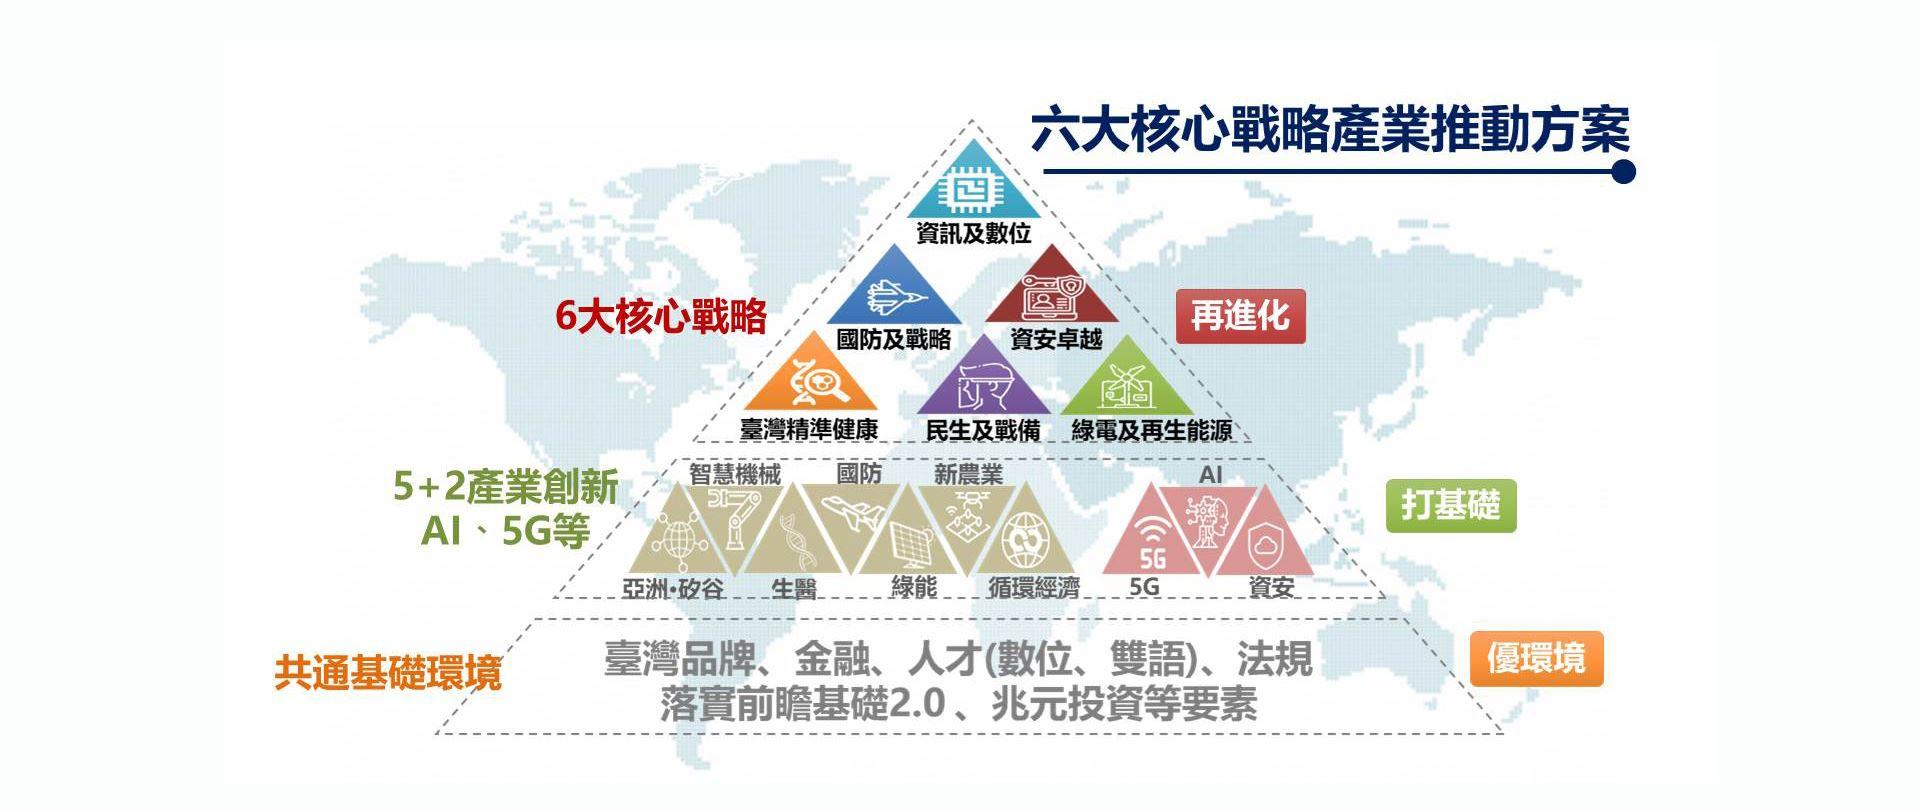 讓臺灣成為全球經濟的關鍵力量